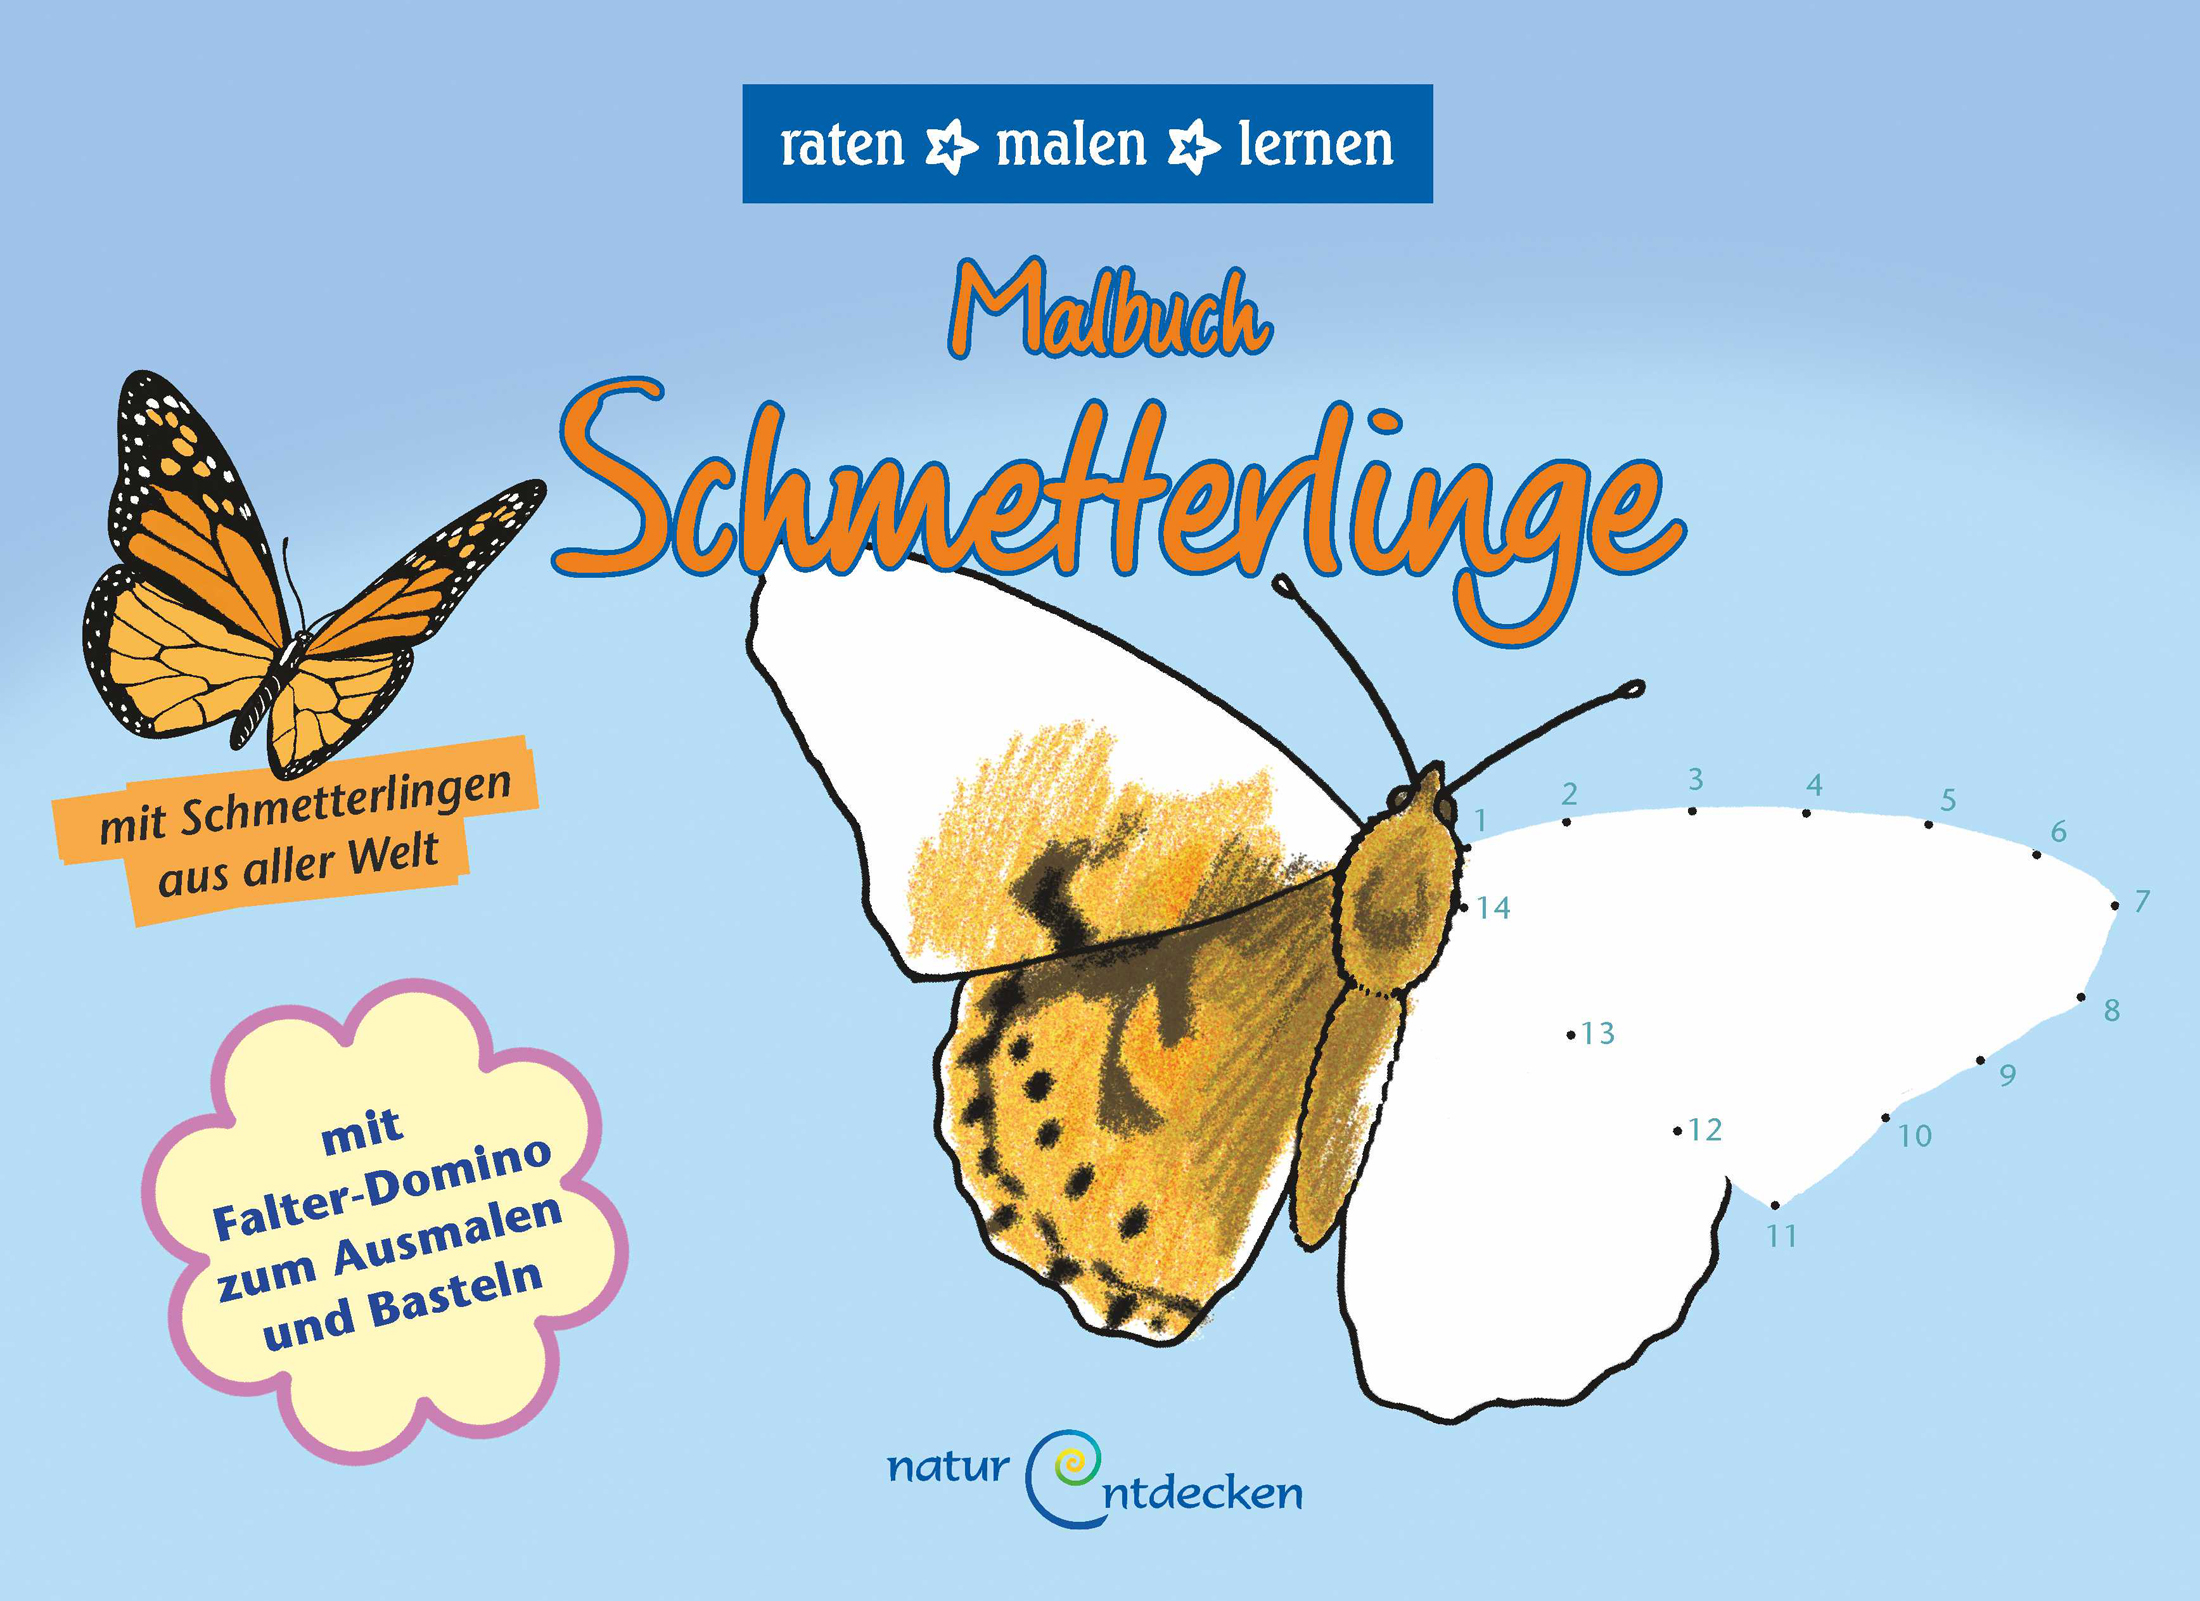 natur entdecken - Malbuch Schmetterling